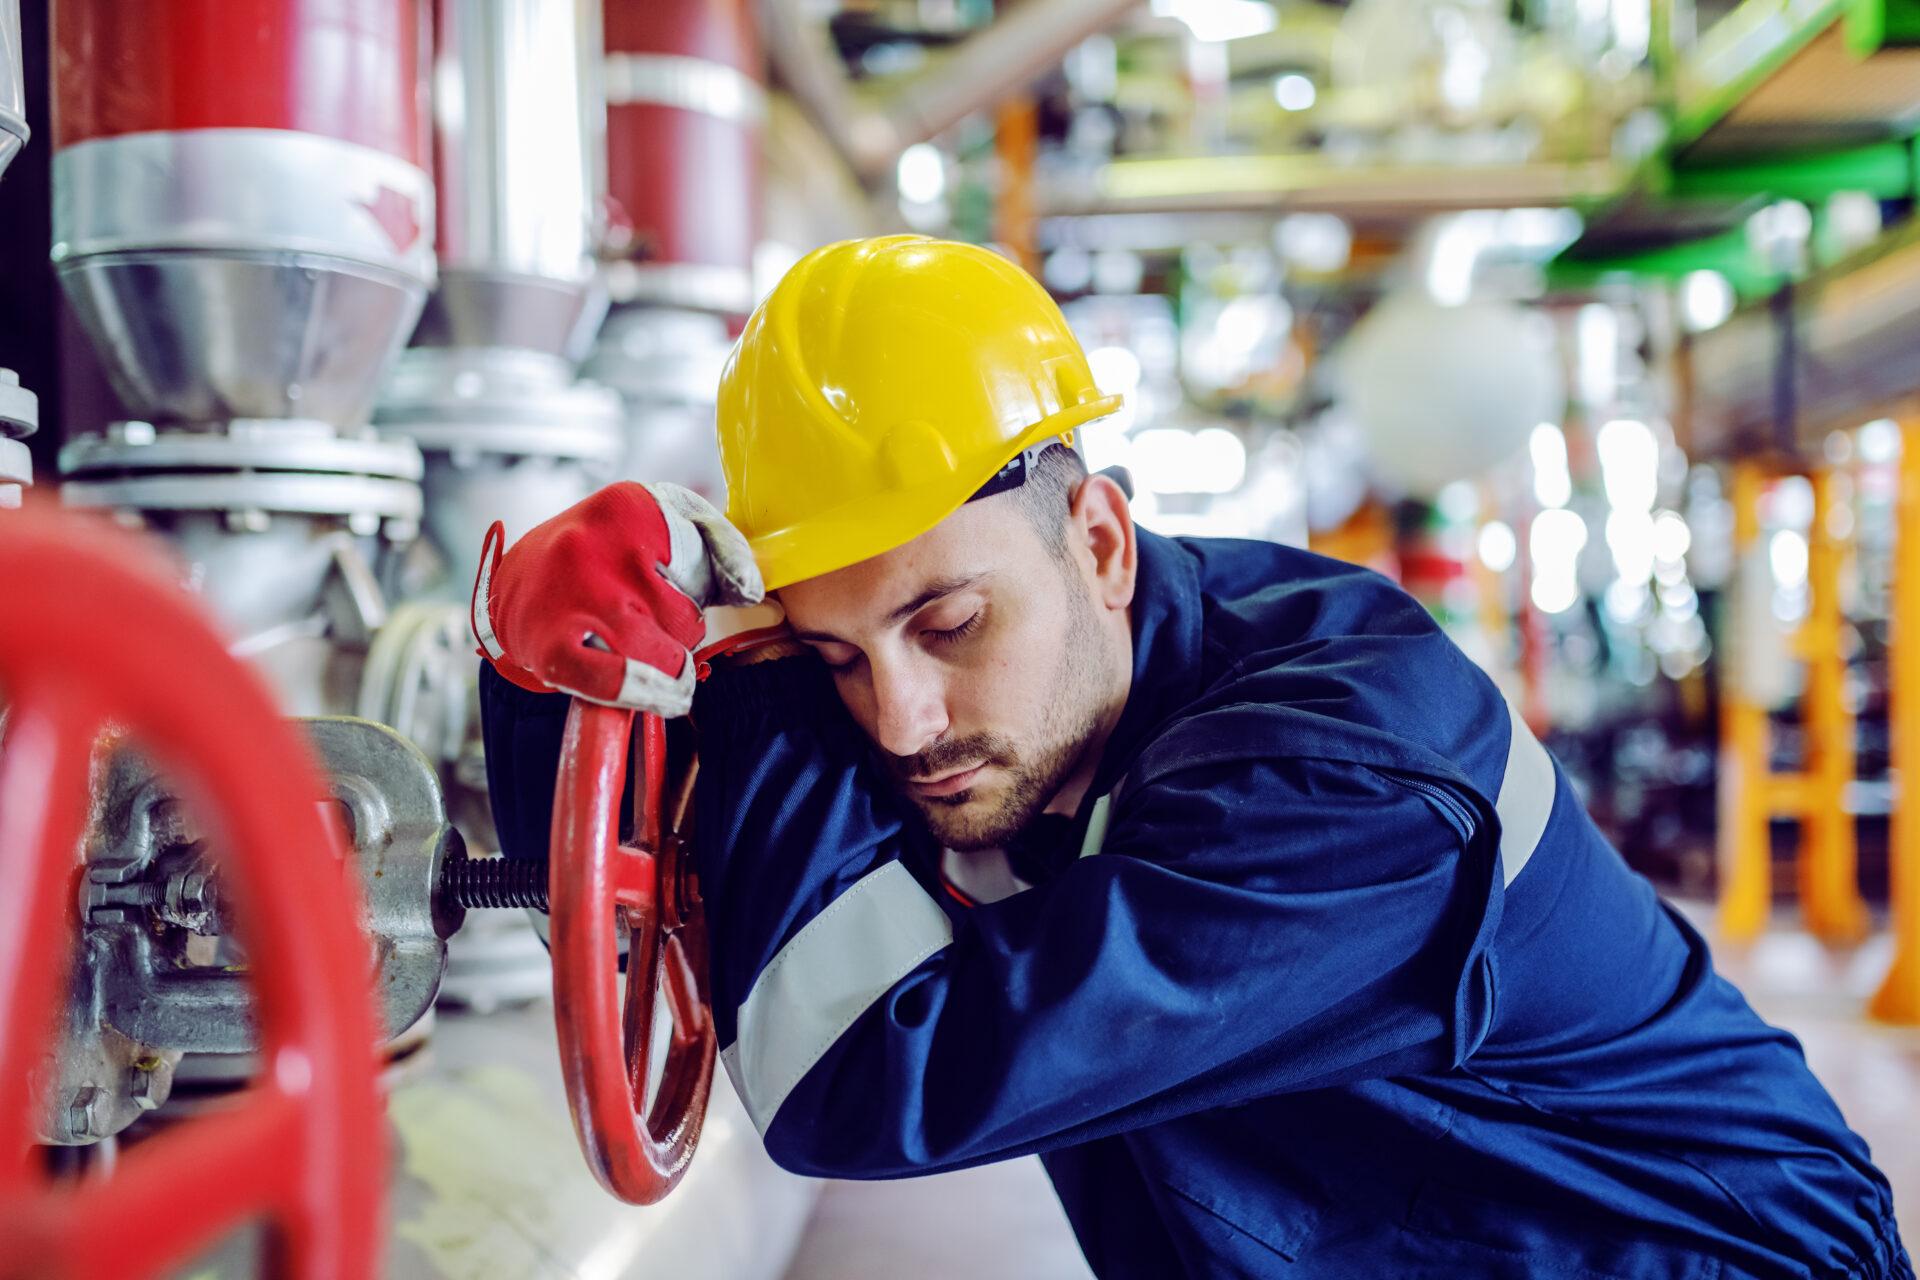 SleepingOnTheJob_Safety_shutterstock_1509655157 copy (1)